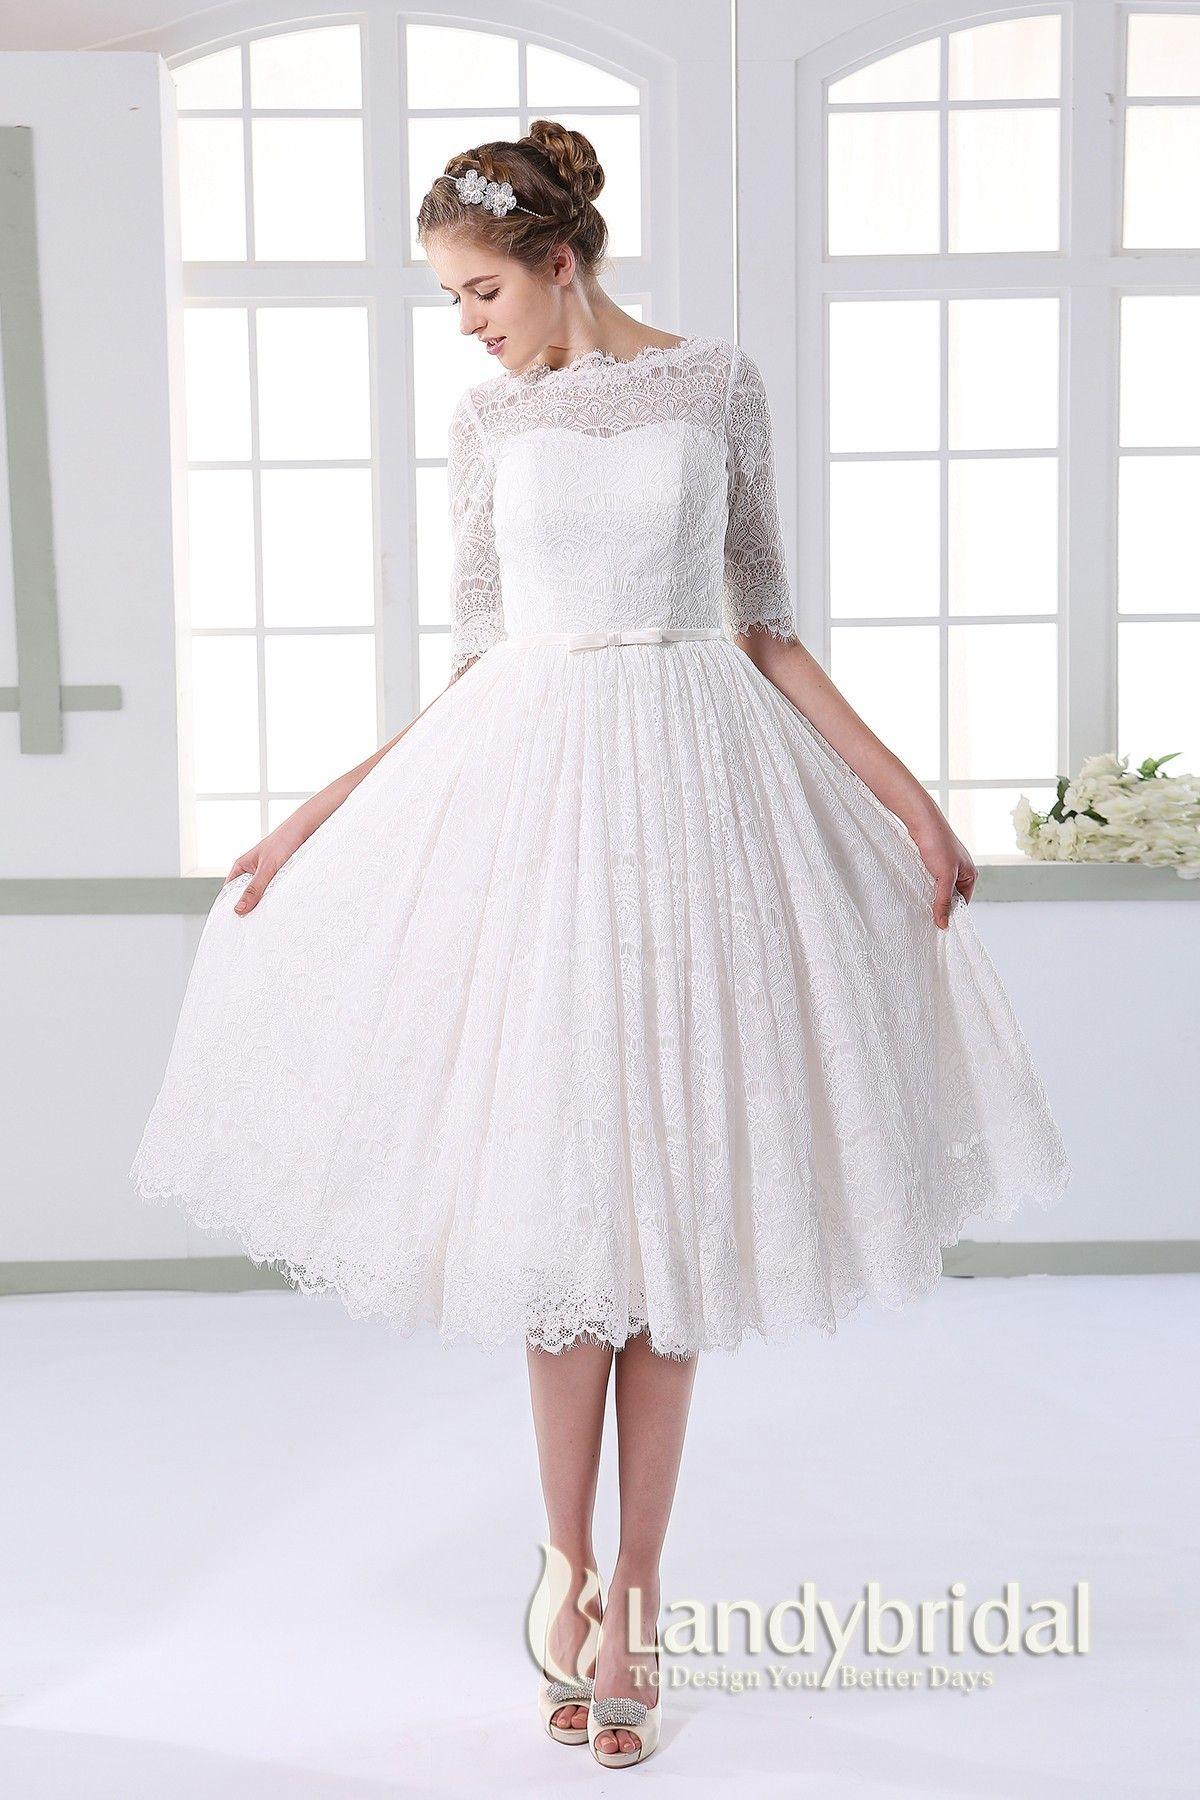 ウェディングドレス ミモレ丈 柔らかいレース ボートネック 半袖 二次会ドレス JWXK15002 価格 ¥38,880